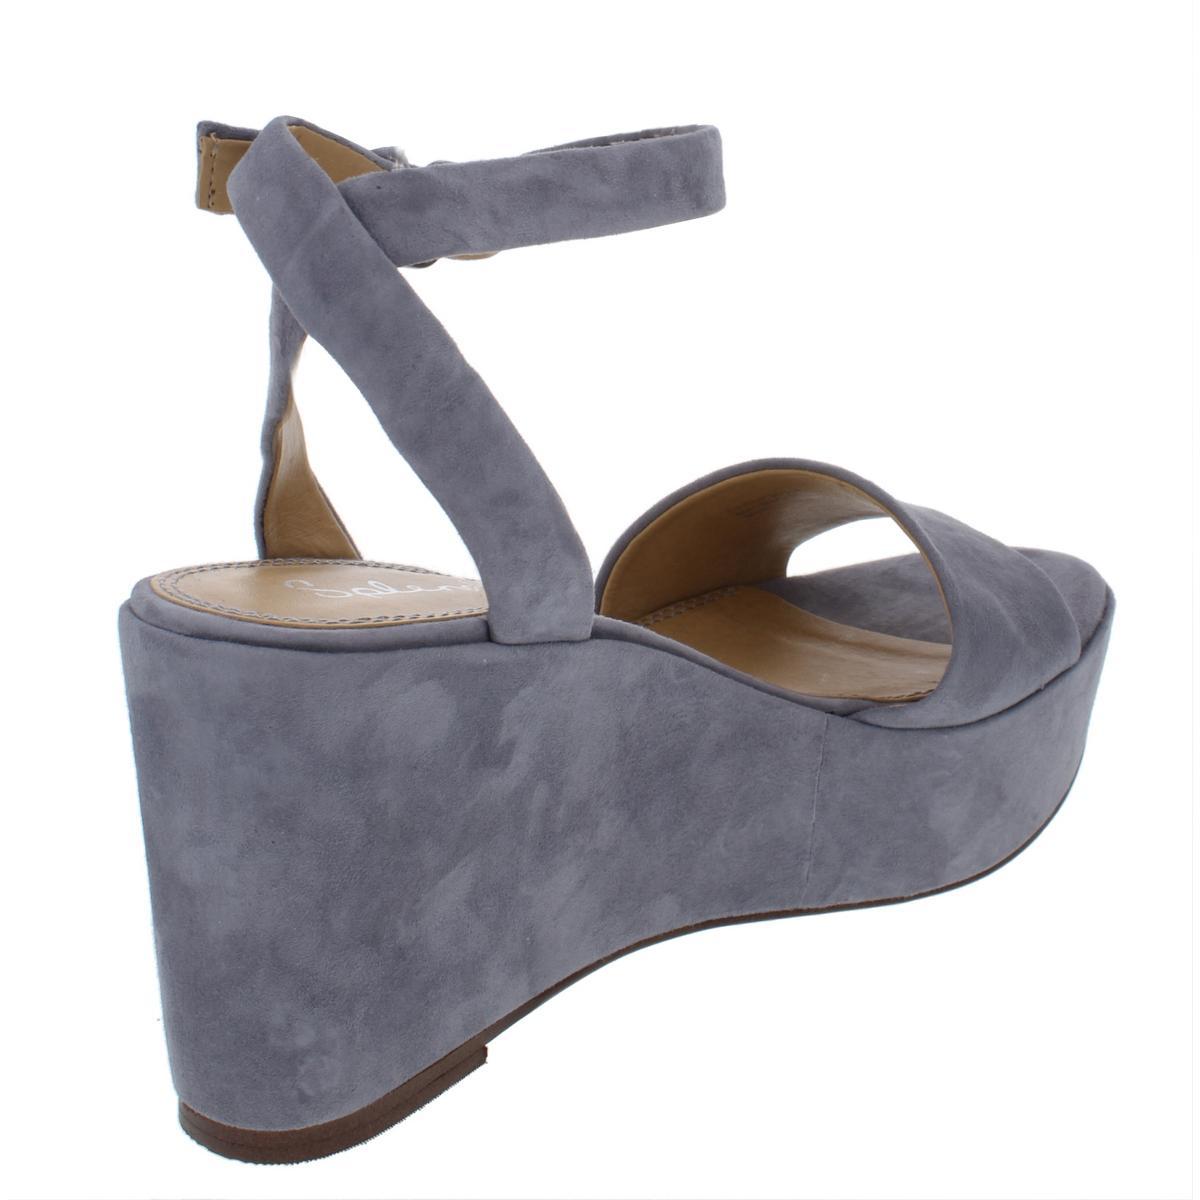 ce1d5fa40d7b Splendid Womens Felix Suede Wedge Platform Platform Sandals Shoes ...